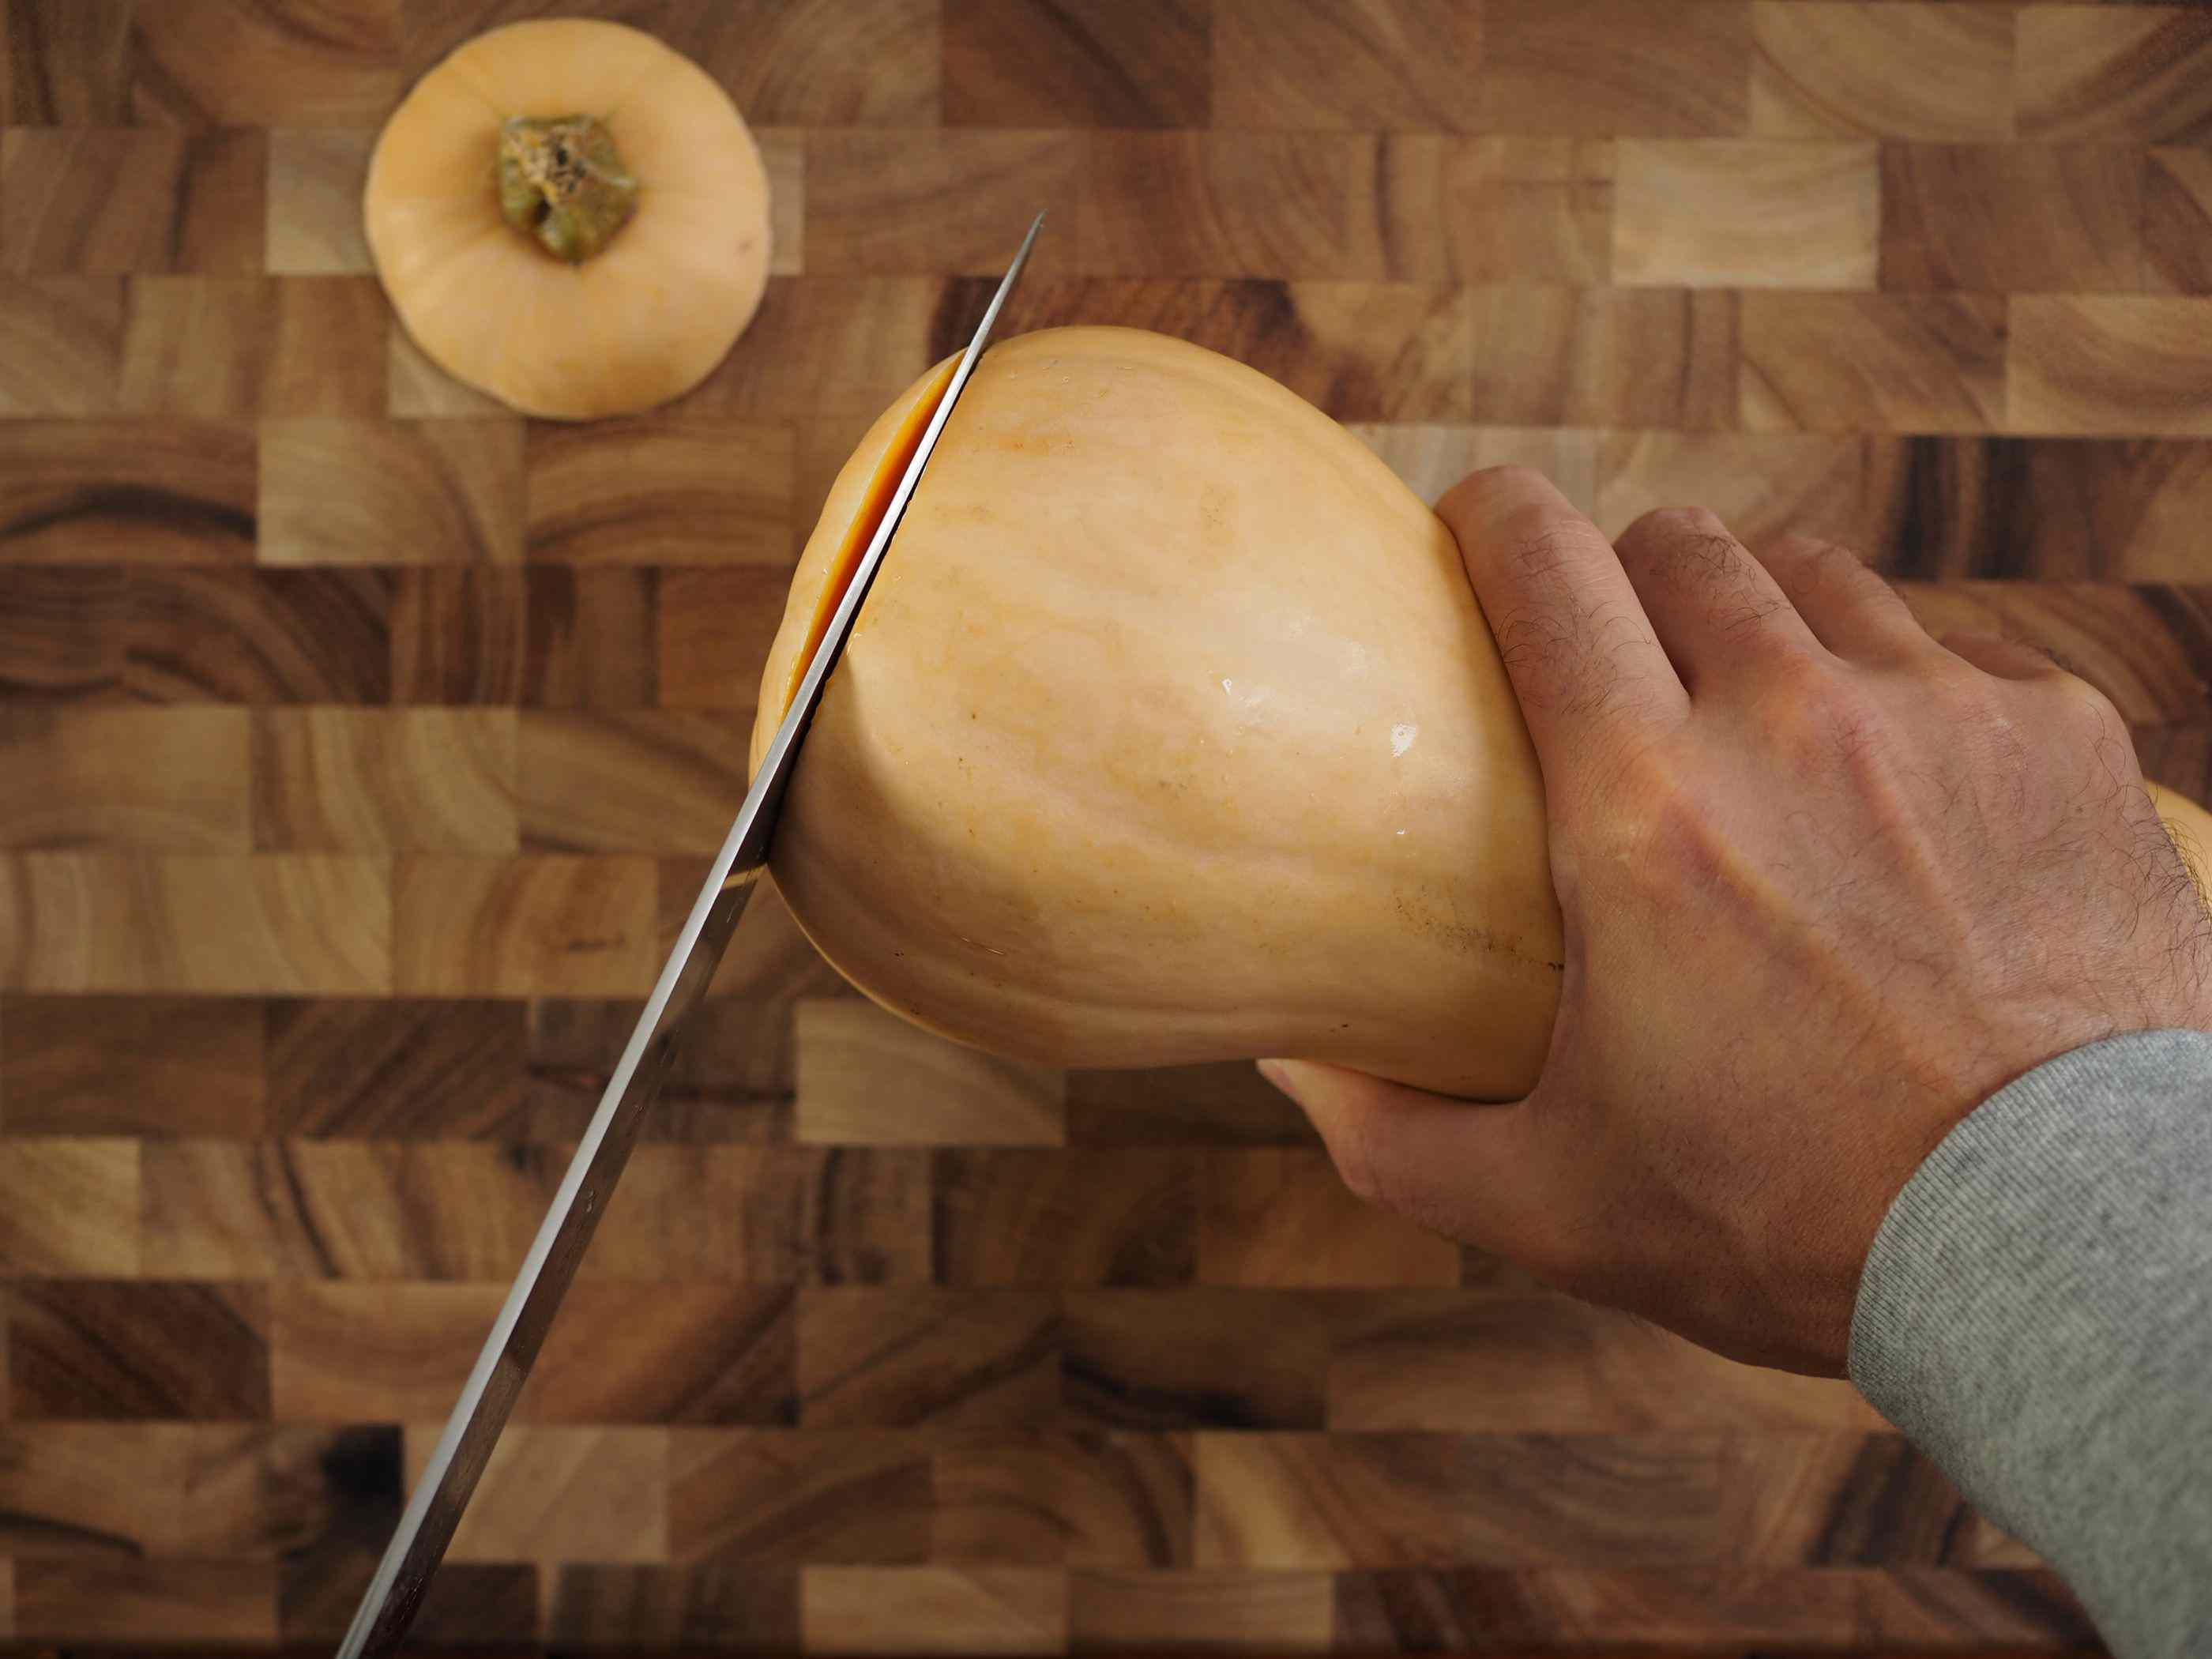 20141008-knife-skills-butternut-squash-daniel-gritzer04.jpg